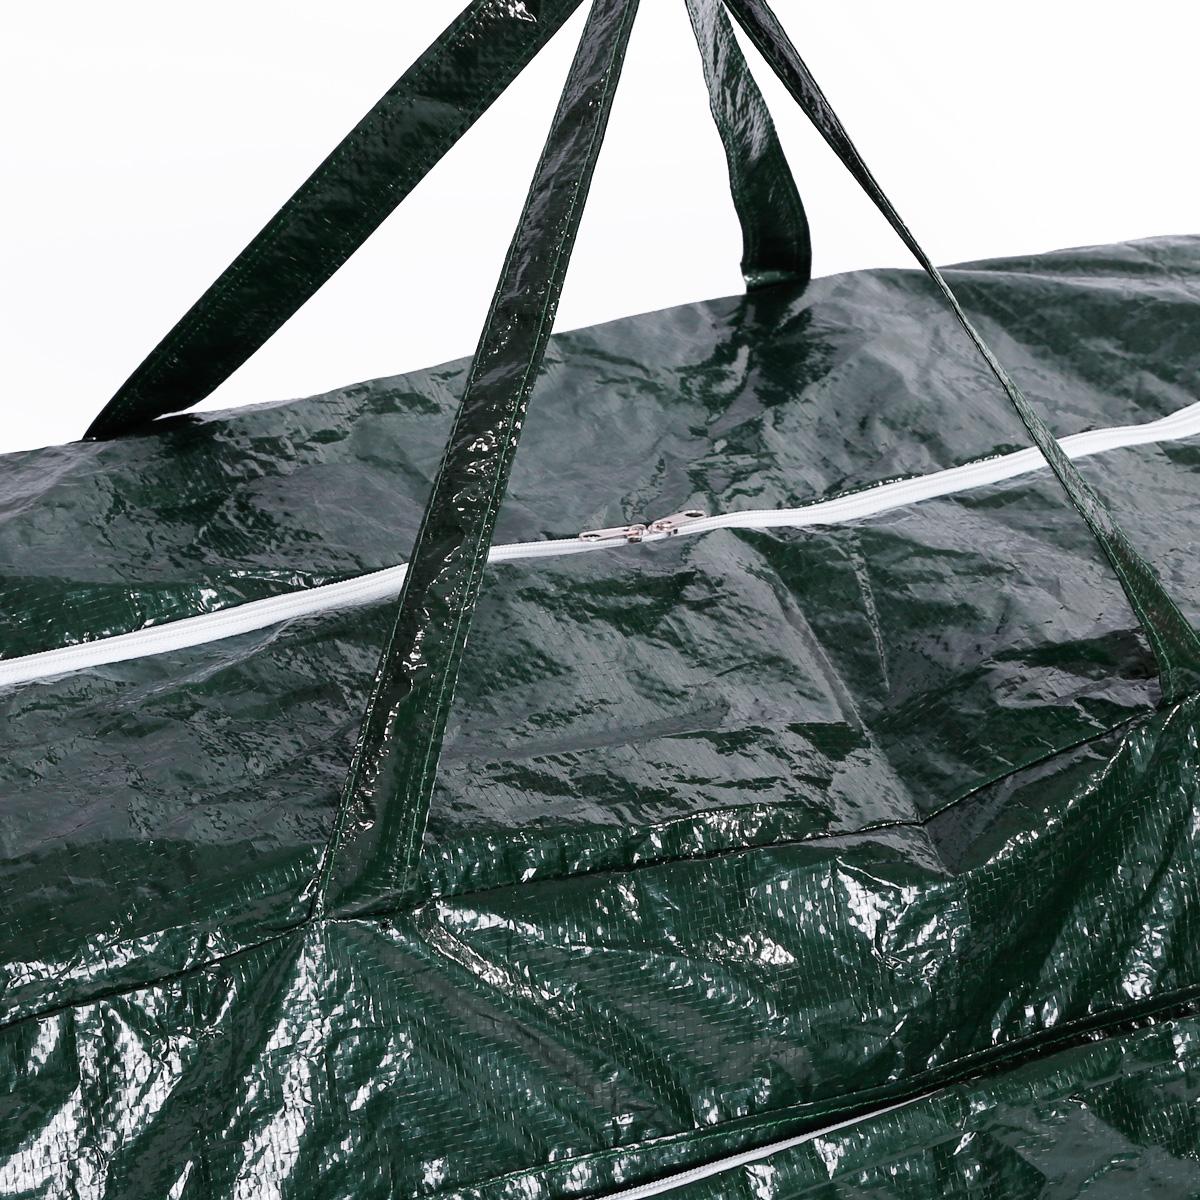 sac de rangement pour sapin de no l sac dechets poubelle de jardin. Black Bedroom Furniture Sets. Home Design Ideas